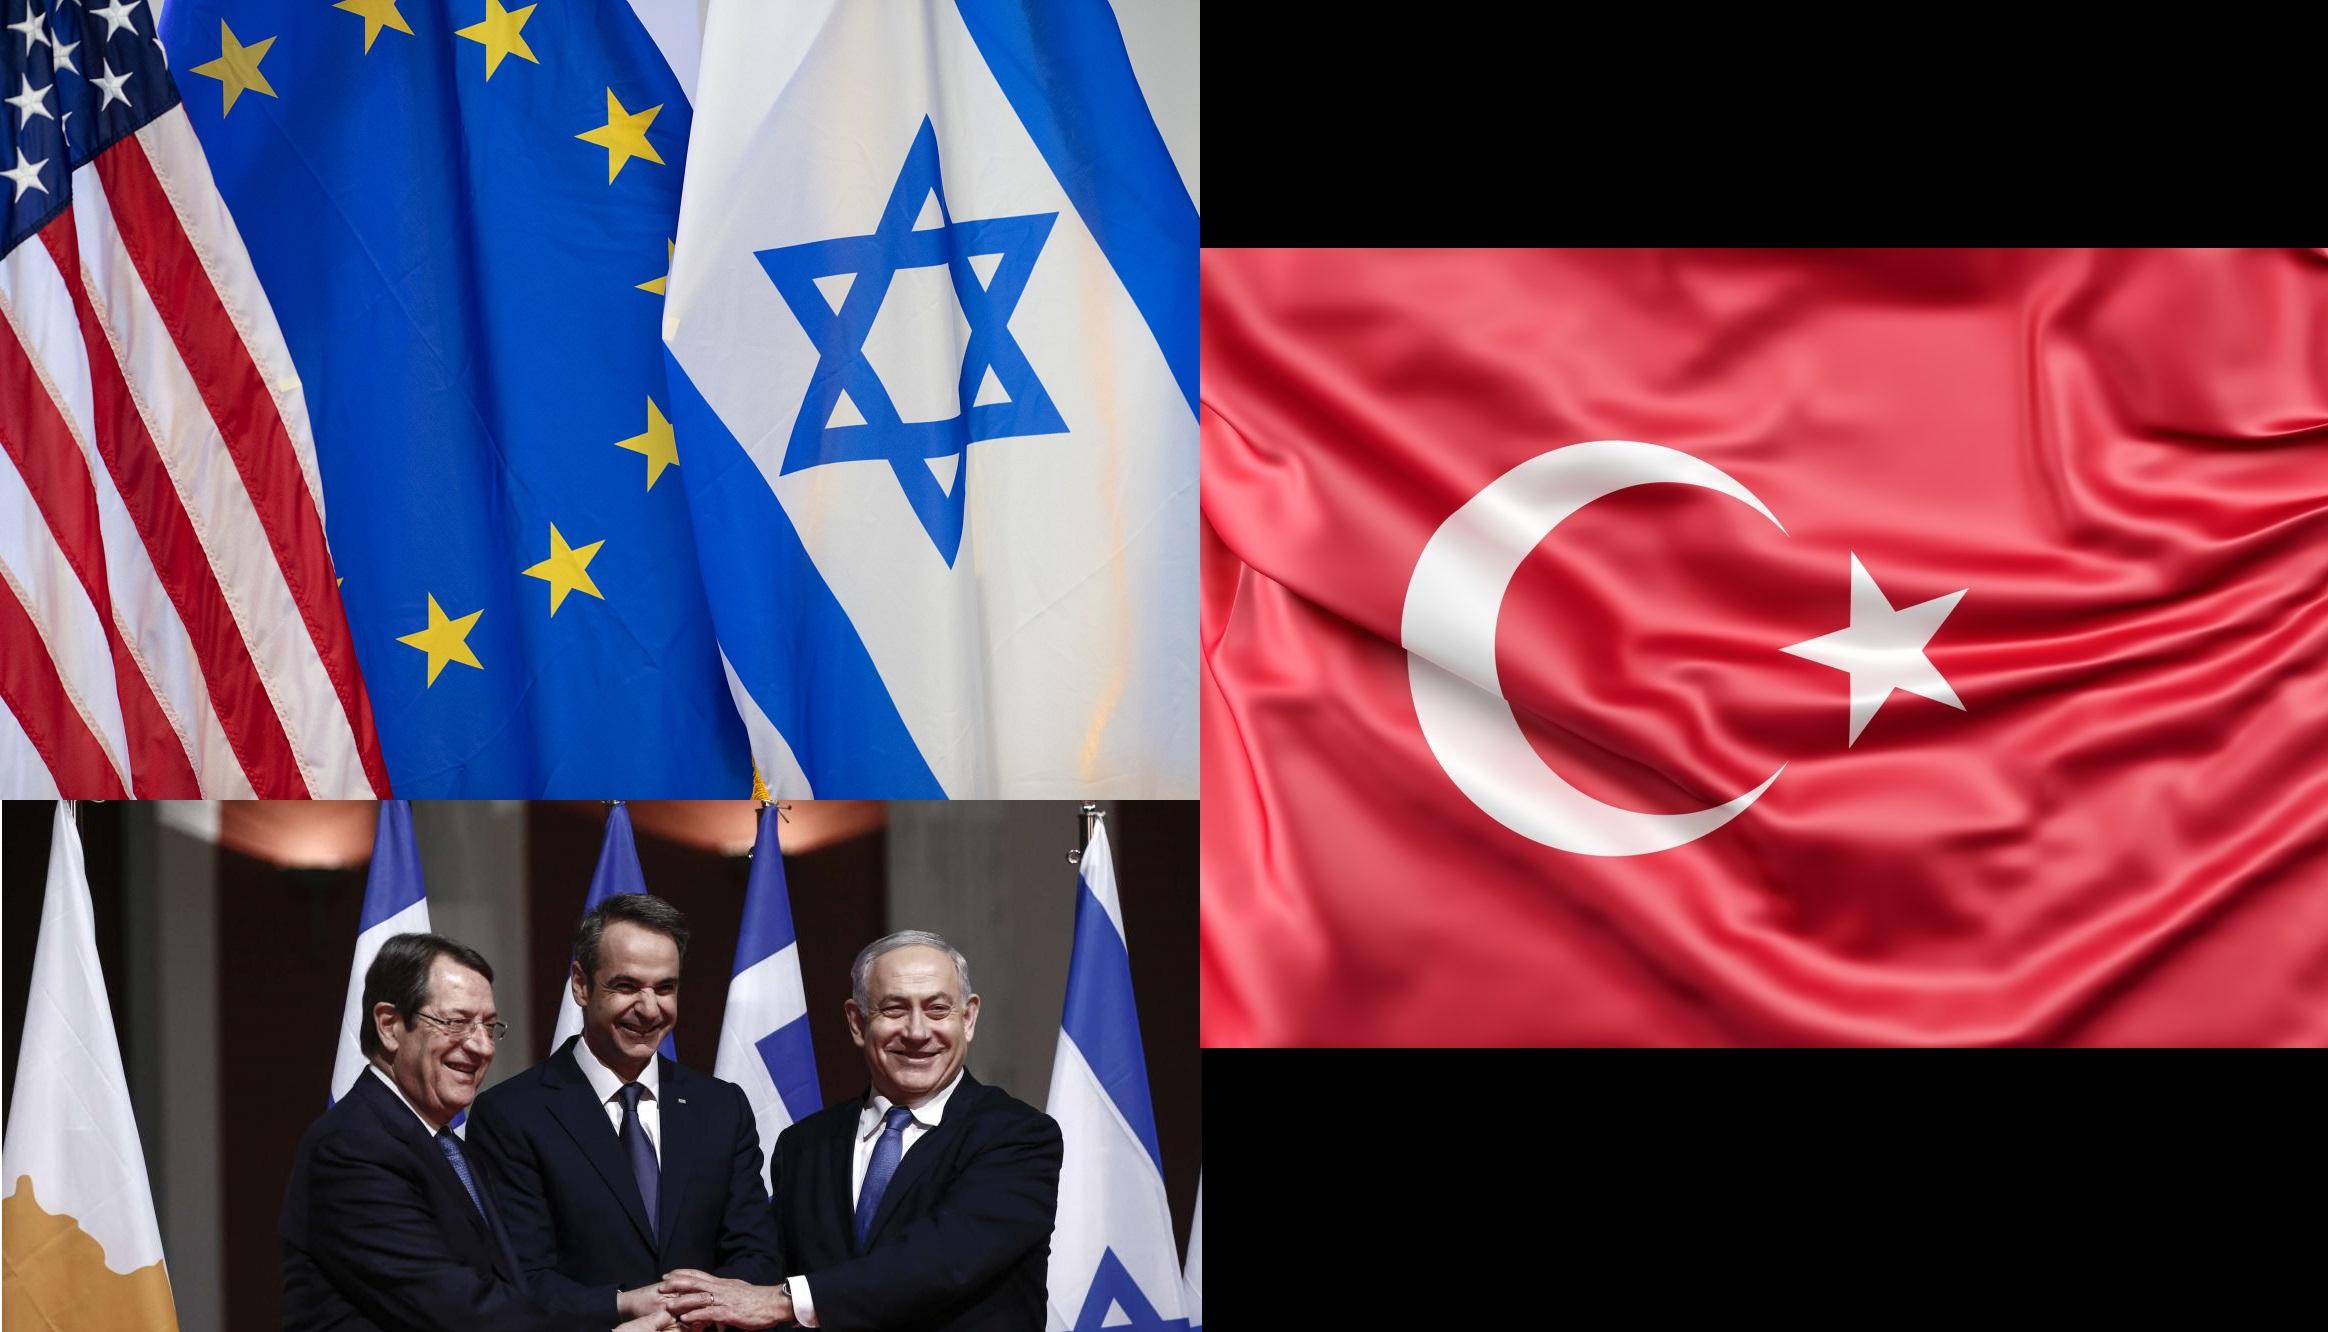 Ανακοίνωση ΜΕΚΕΑ: Η δήθεν διένεξη Ελλάδας-Τουρκίας που στην πραγματικότητα είναι αλληλοφάγωμα των ελίτ για το φυσικό αέριο στην Ευρώπη